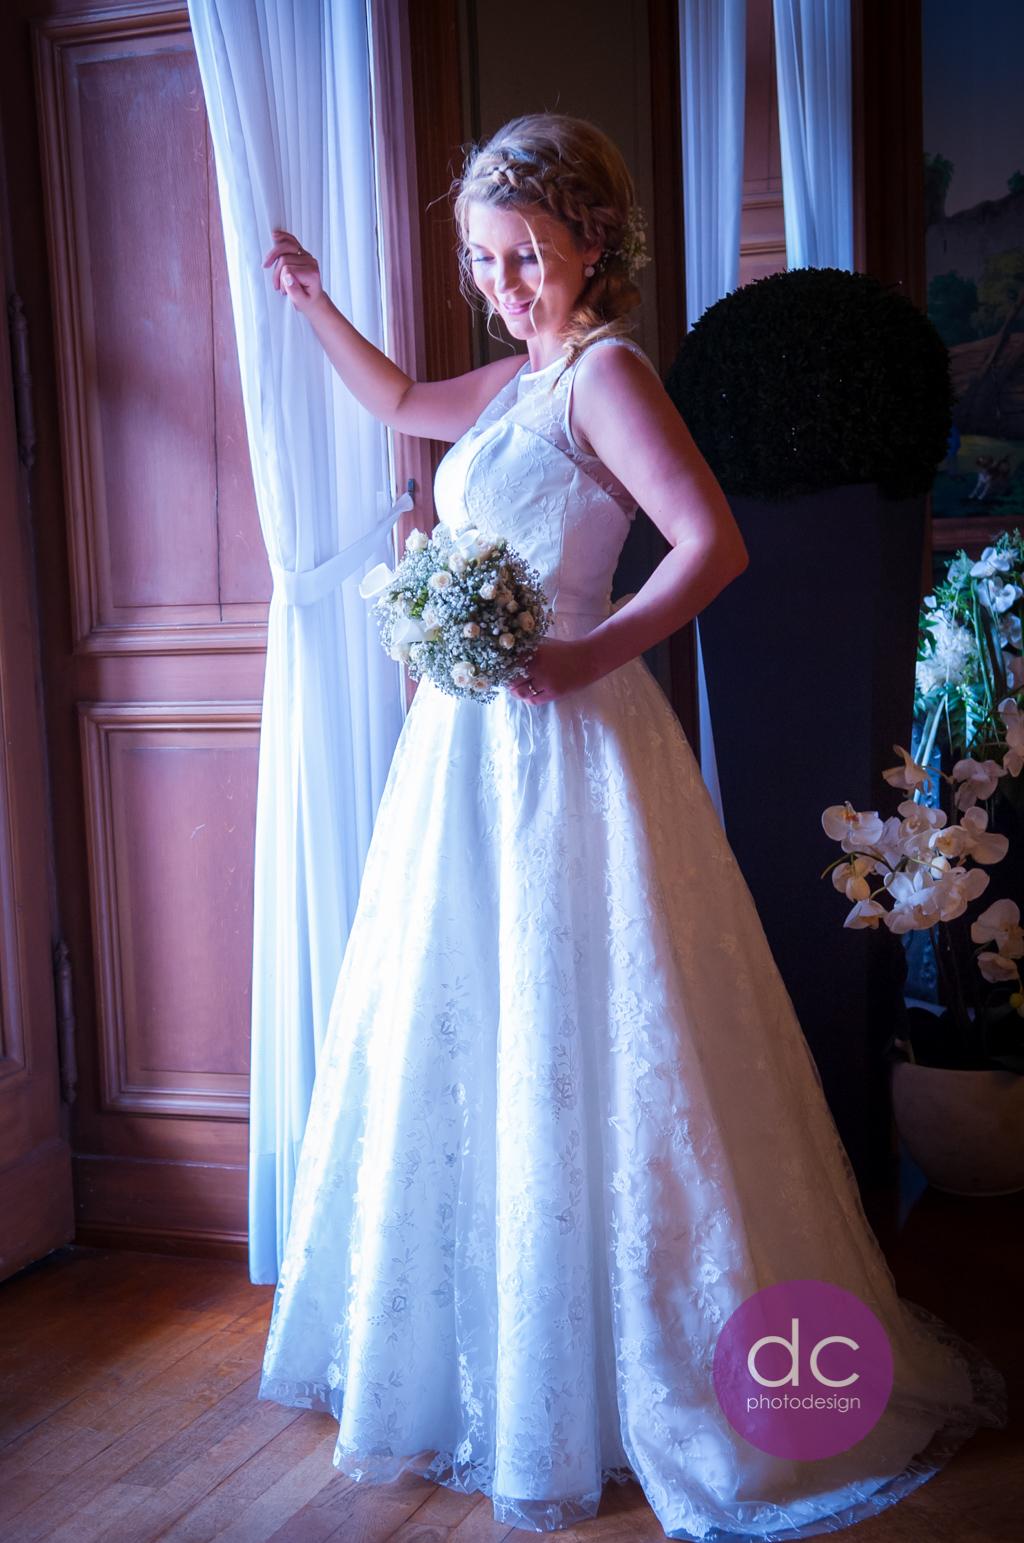 Hochzeitsfotografie- Braut am Fenster im Schloss Philippsruhe - Hochzeitsfotograf Hanau dc - photodesign